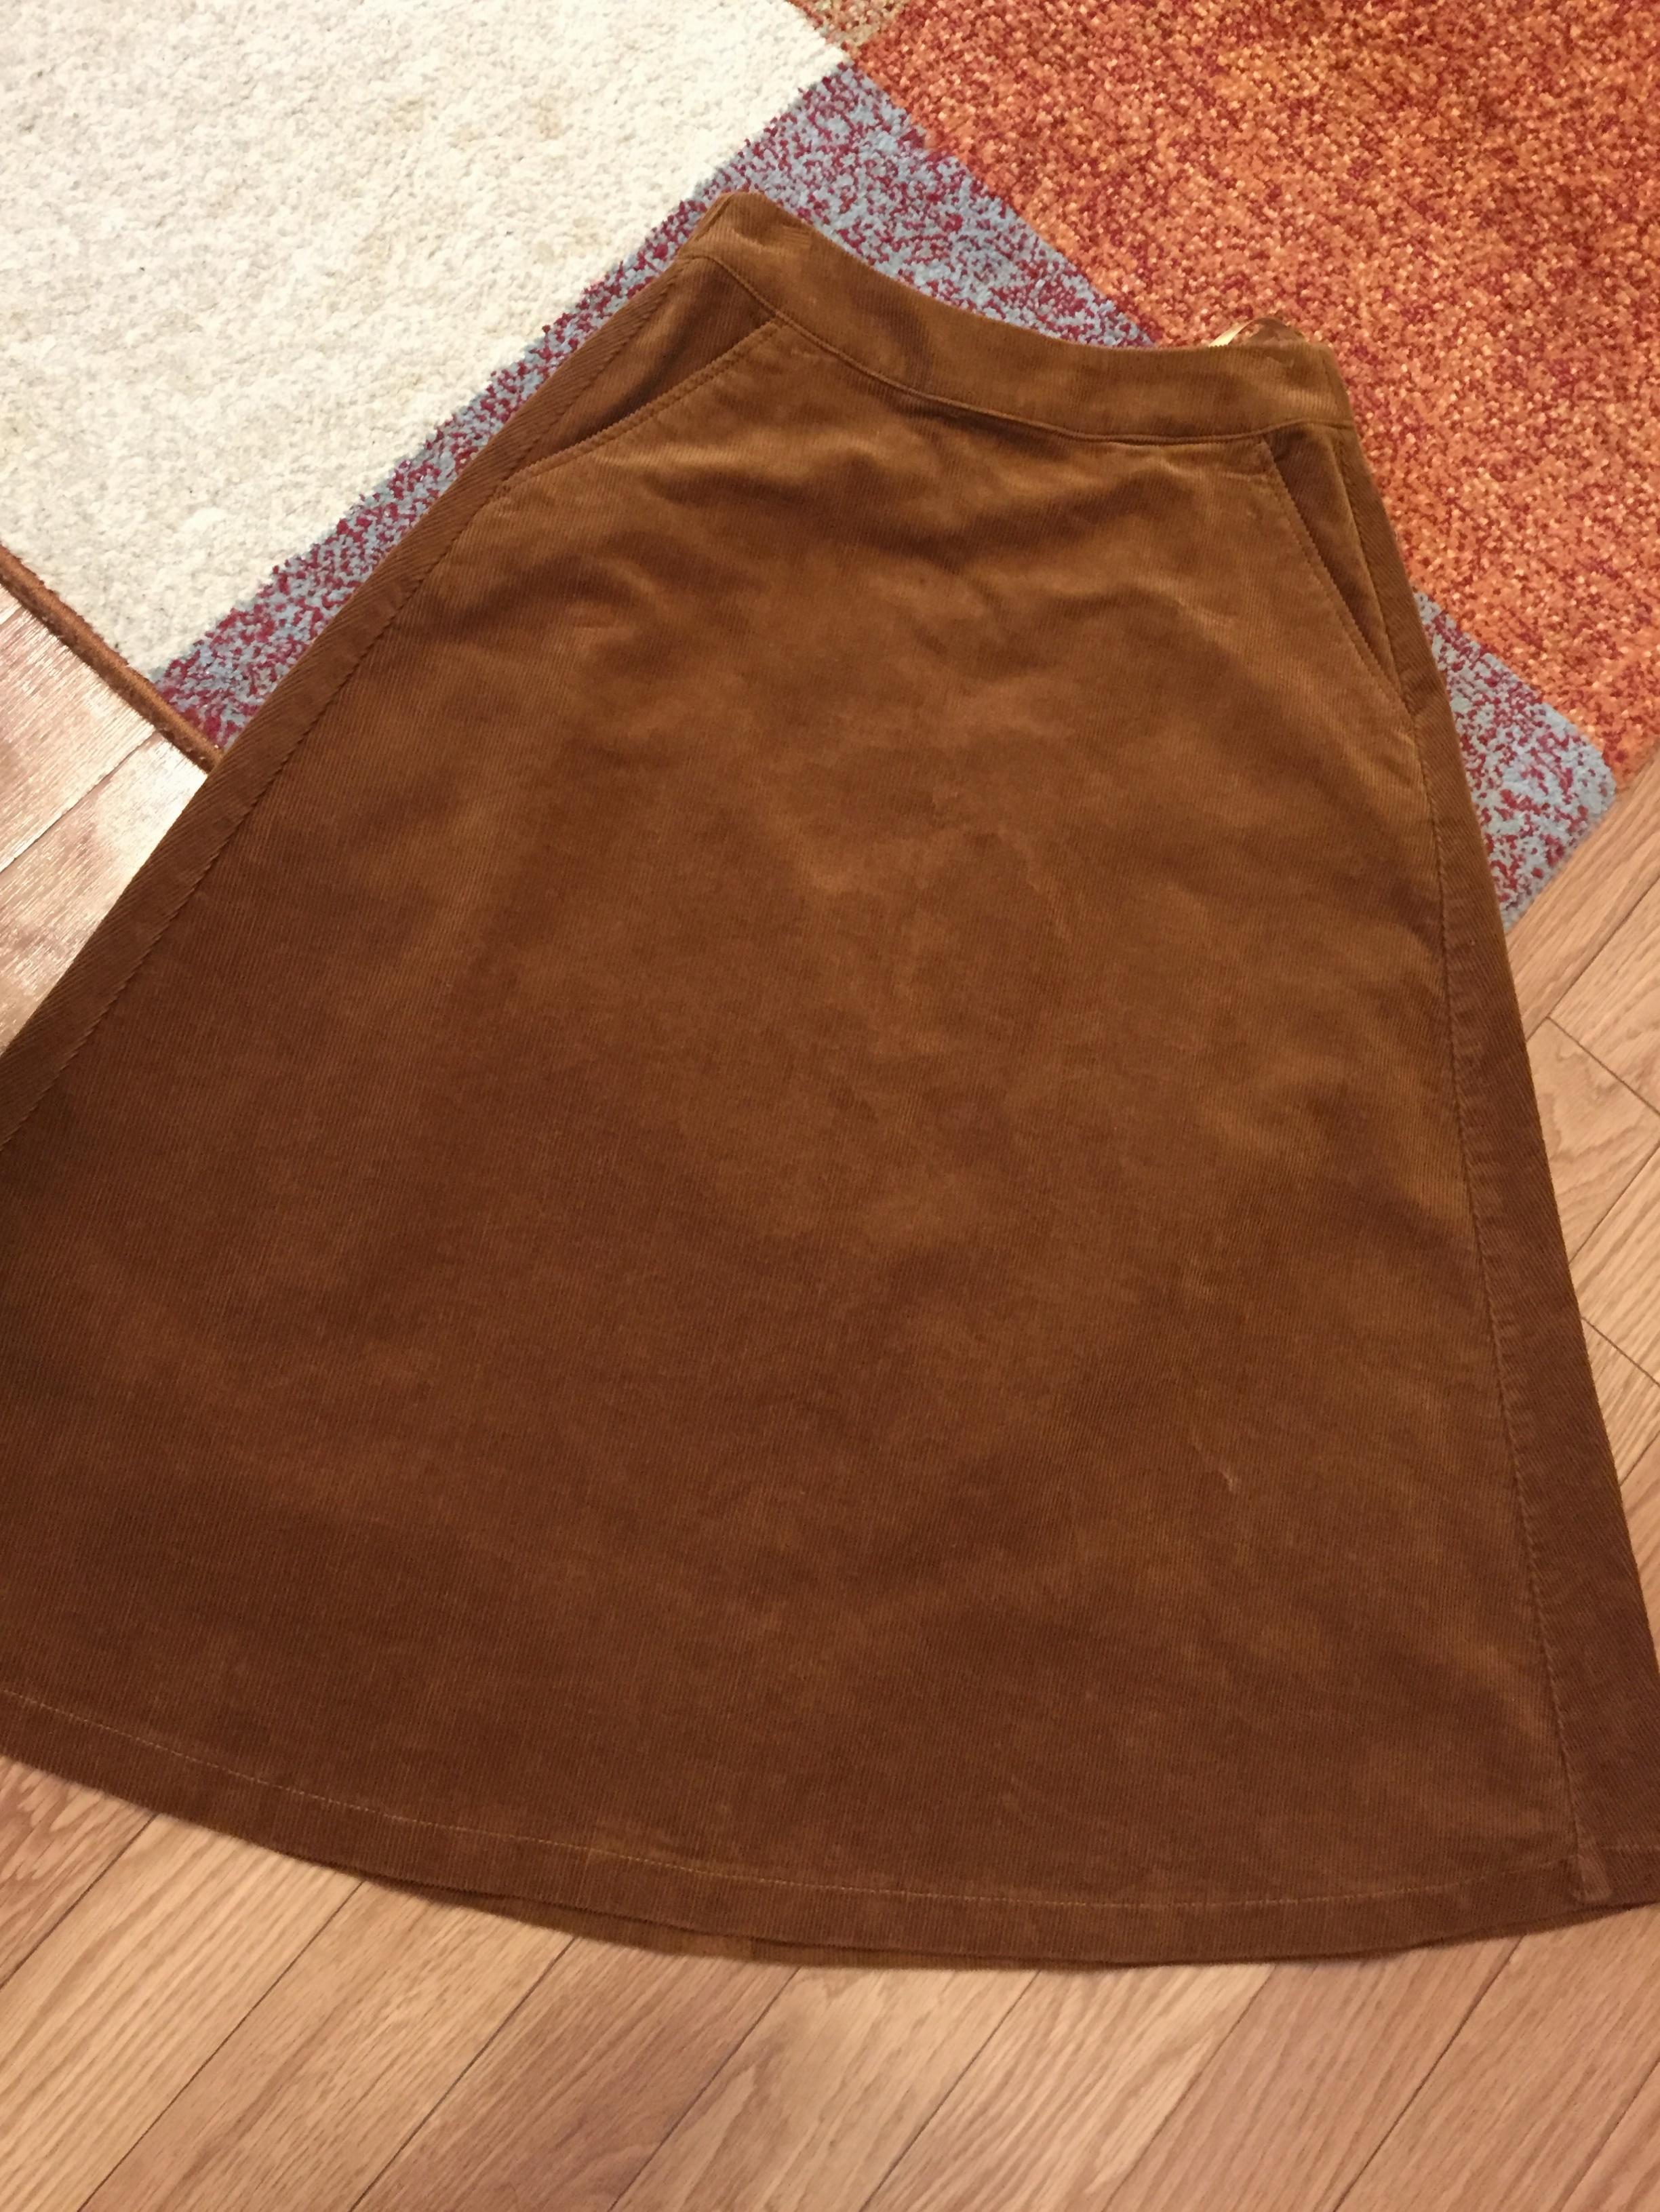 ♡ユニクロで掘り出し物発見!!秋・冬スカートが500円!?♡_2